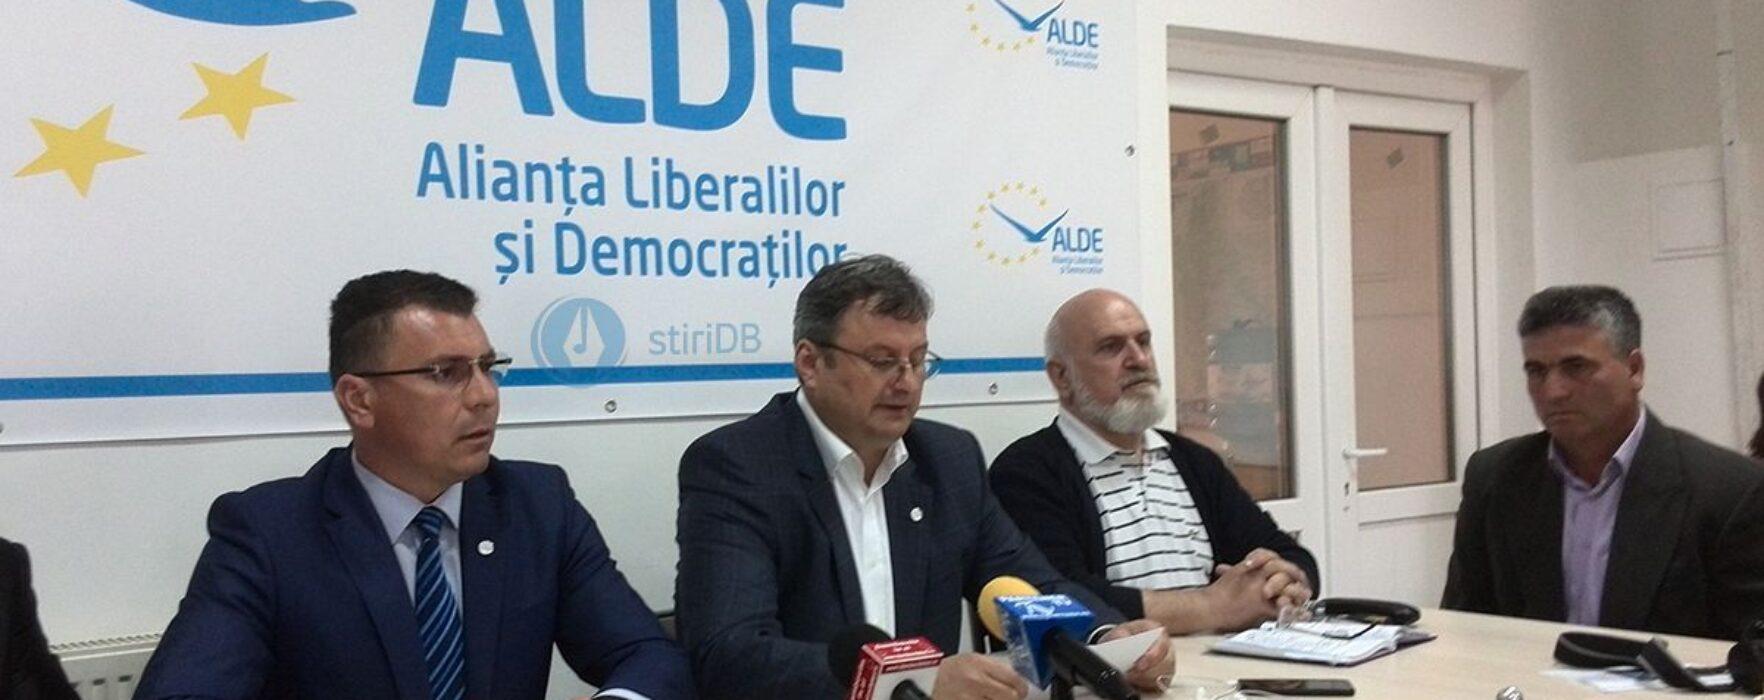 ALDE Dâmboviţa: Pentru eficientizarea administraţiei publice şi atragerea de fonduri ar trebui dezvoltate parteneriate de tip public-privat